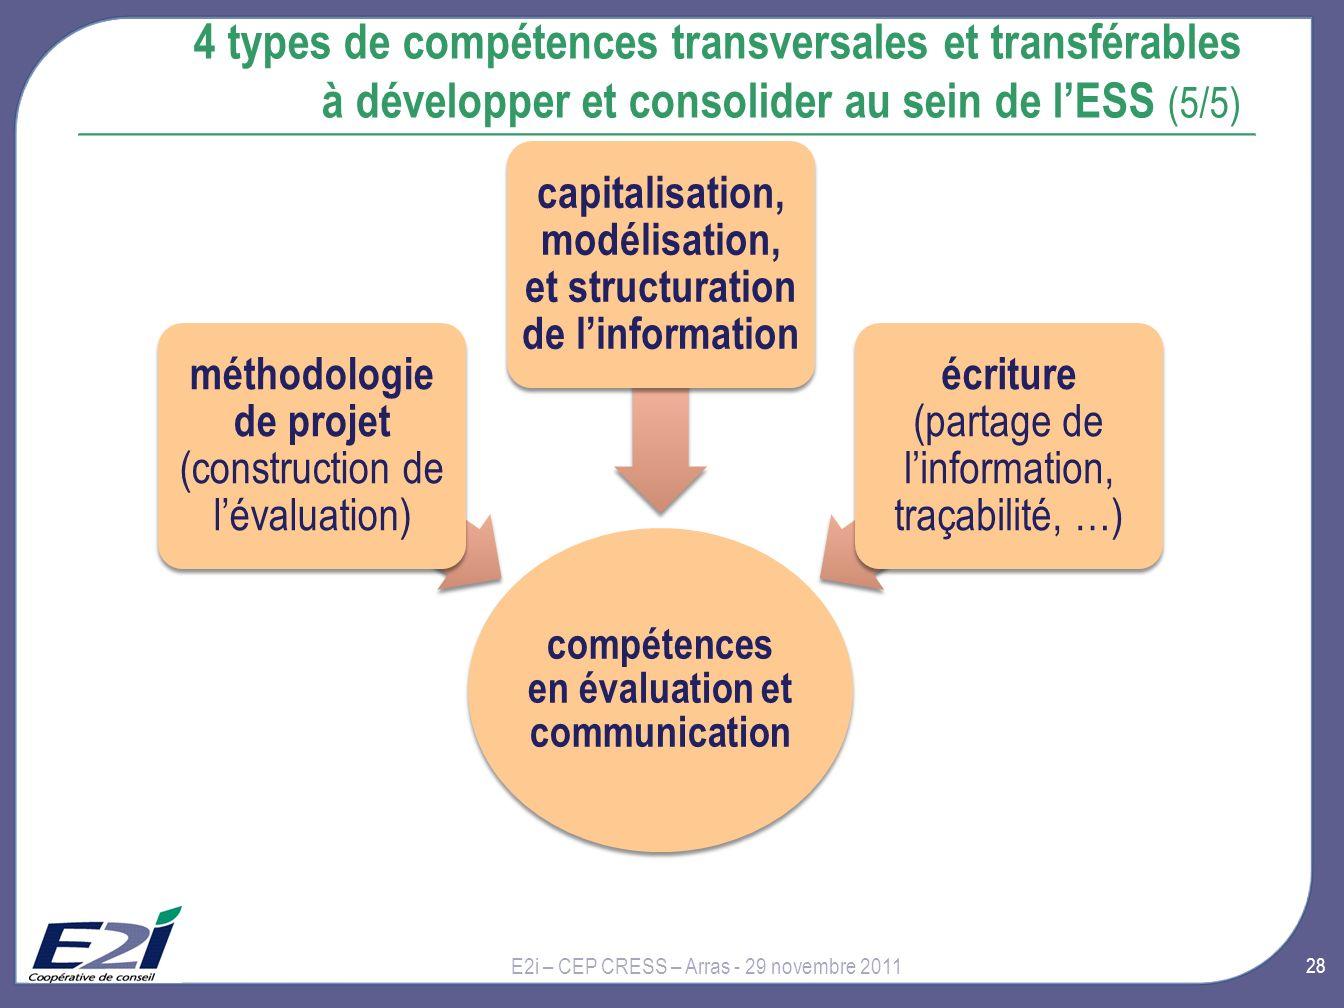 29 novembre 2011 4 types de compétences transversales et transférables à développer et consolider au sein de l'ESS (5/5)